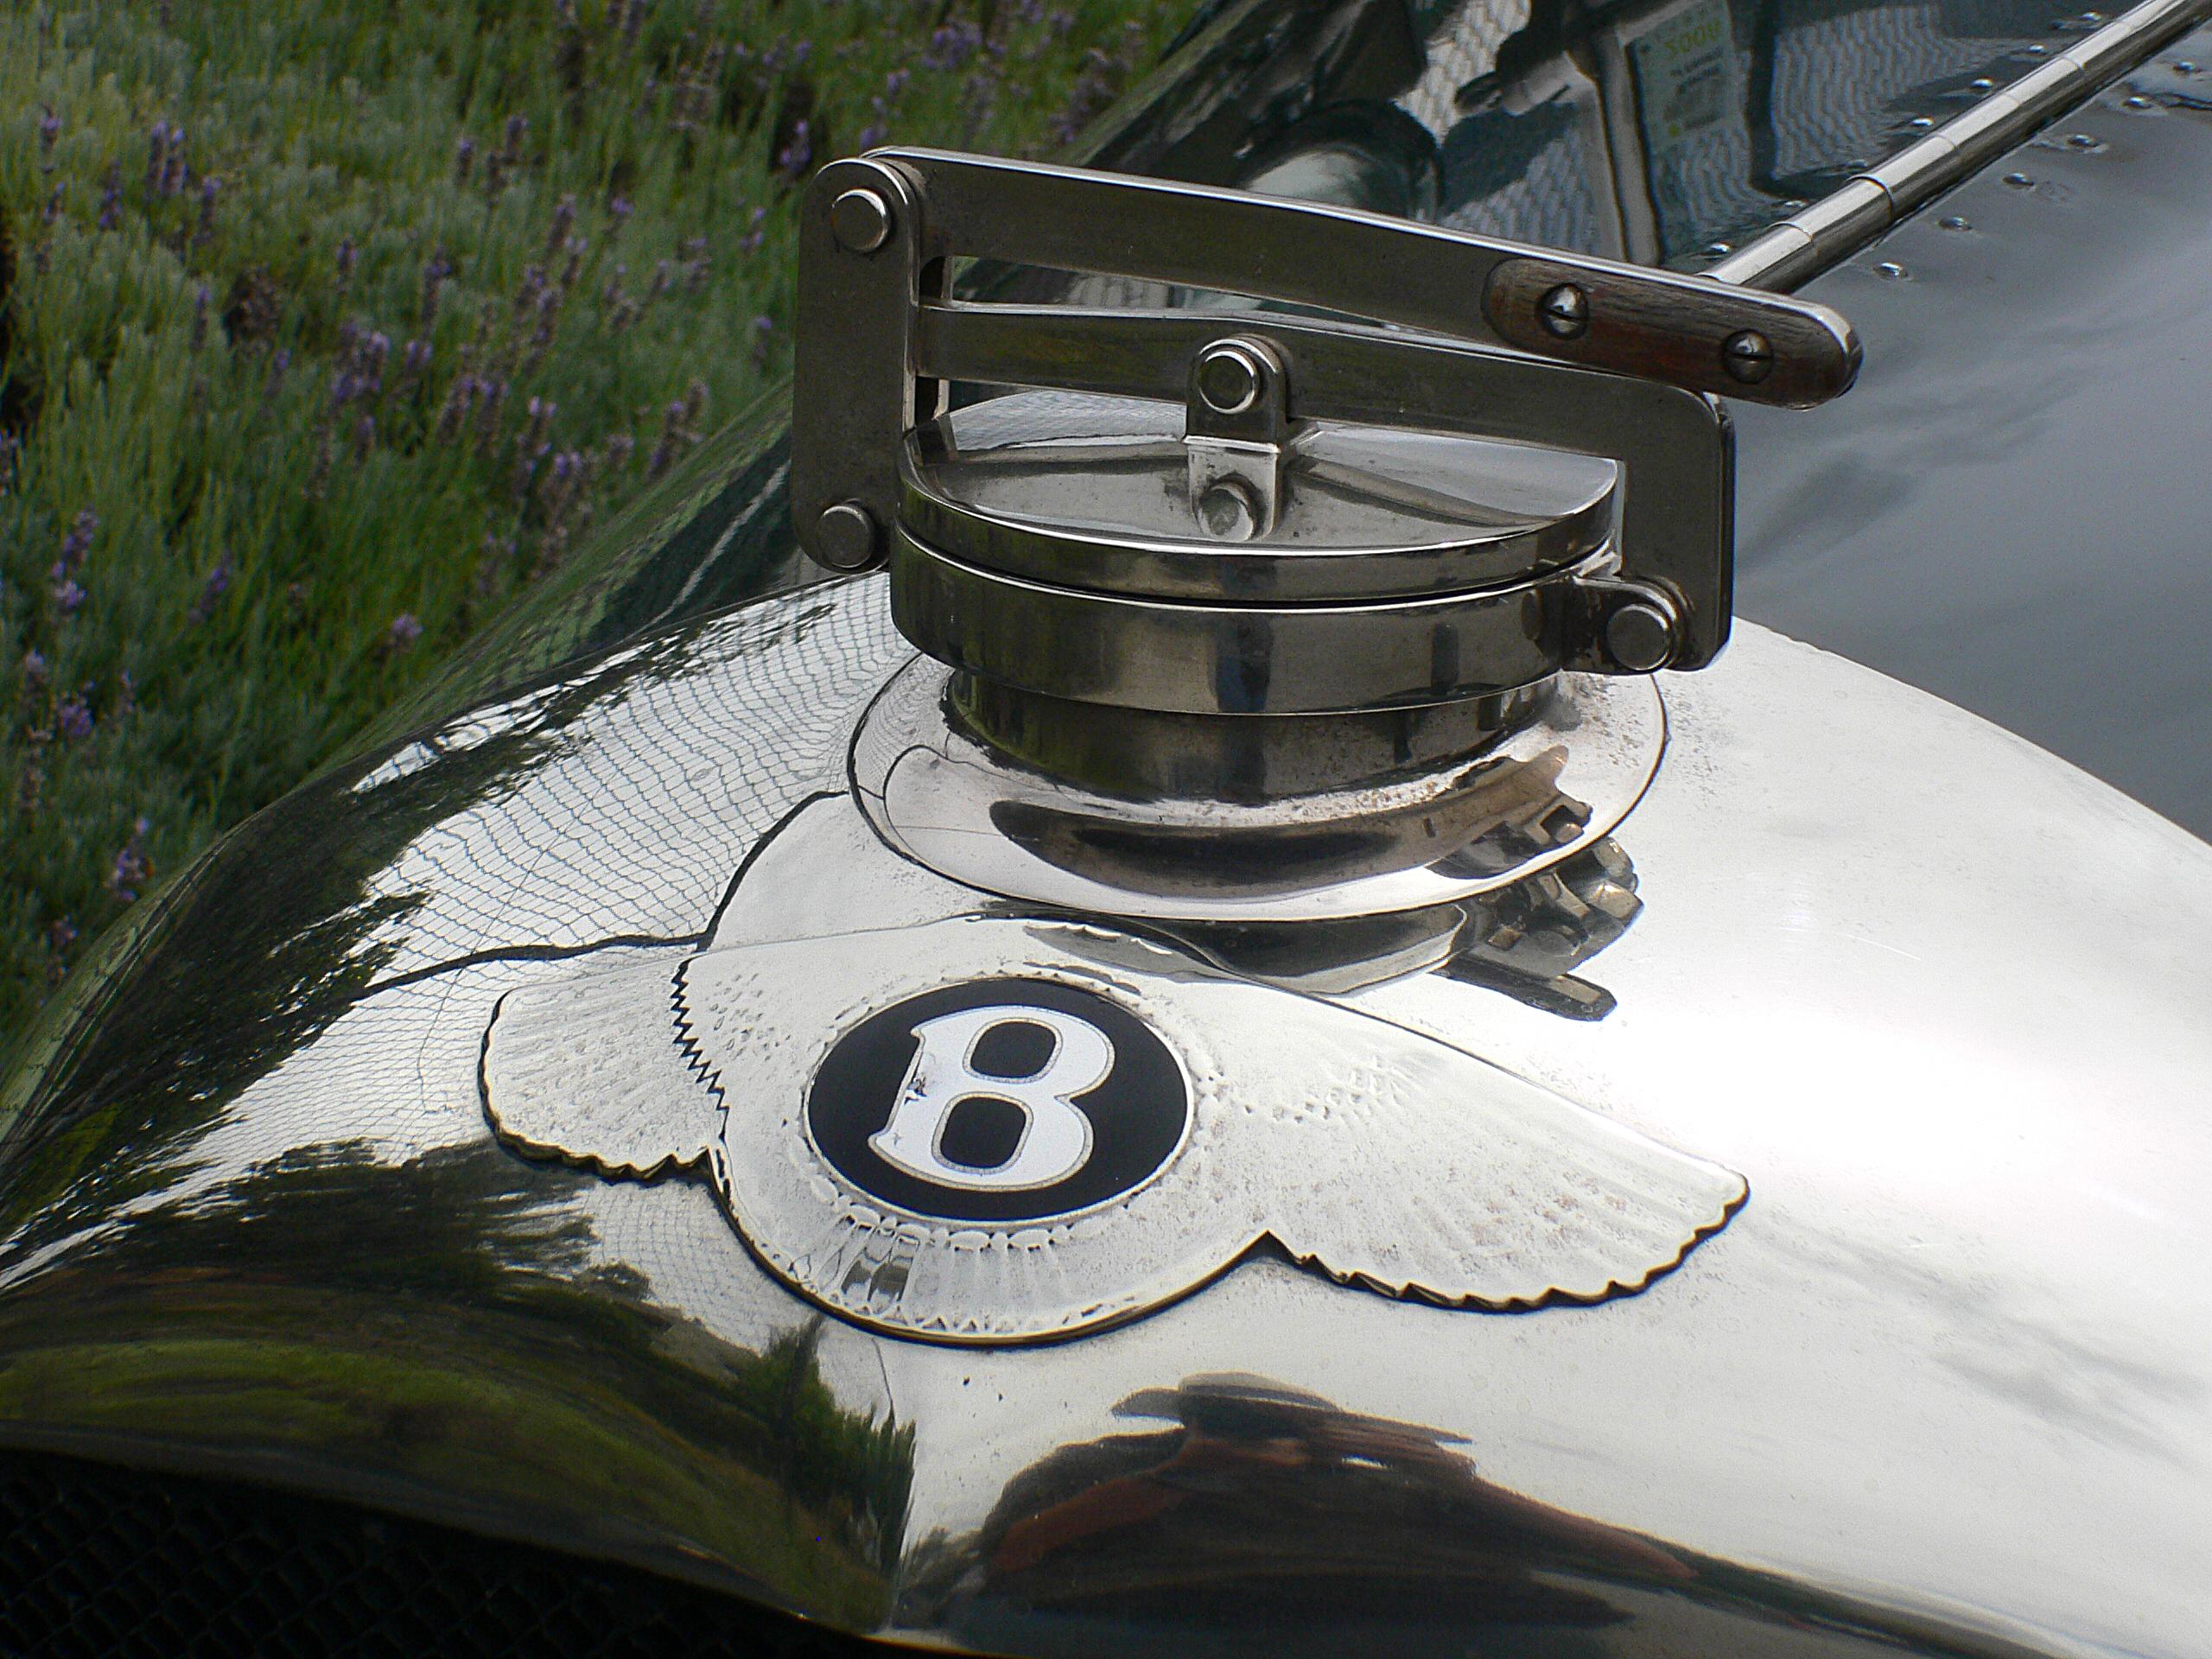 Kostenlose foto : Auto, Rad, Glas, Fahrzeug, Sportwagen, Rennen ...